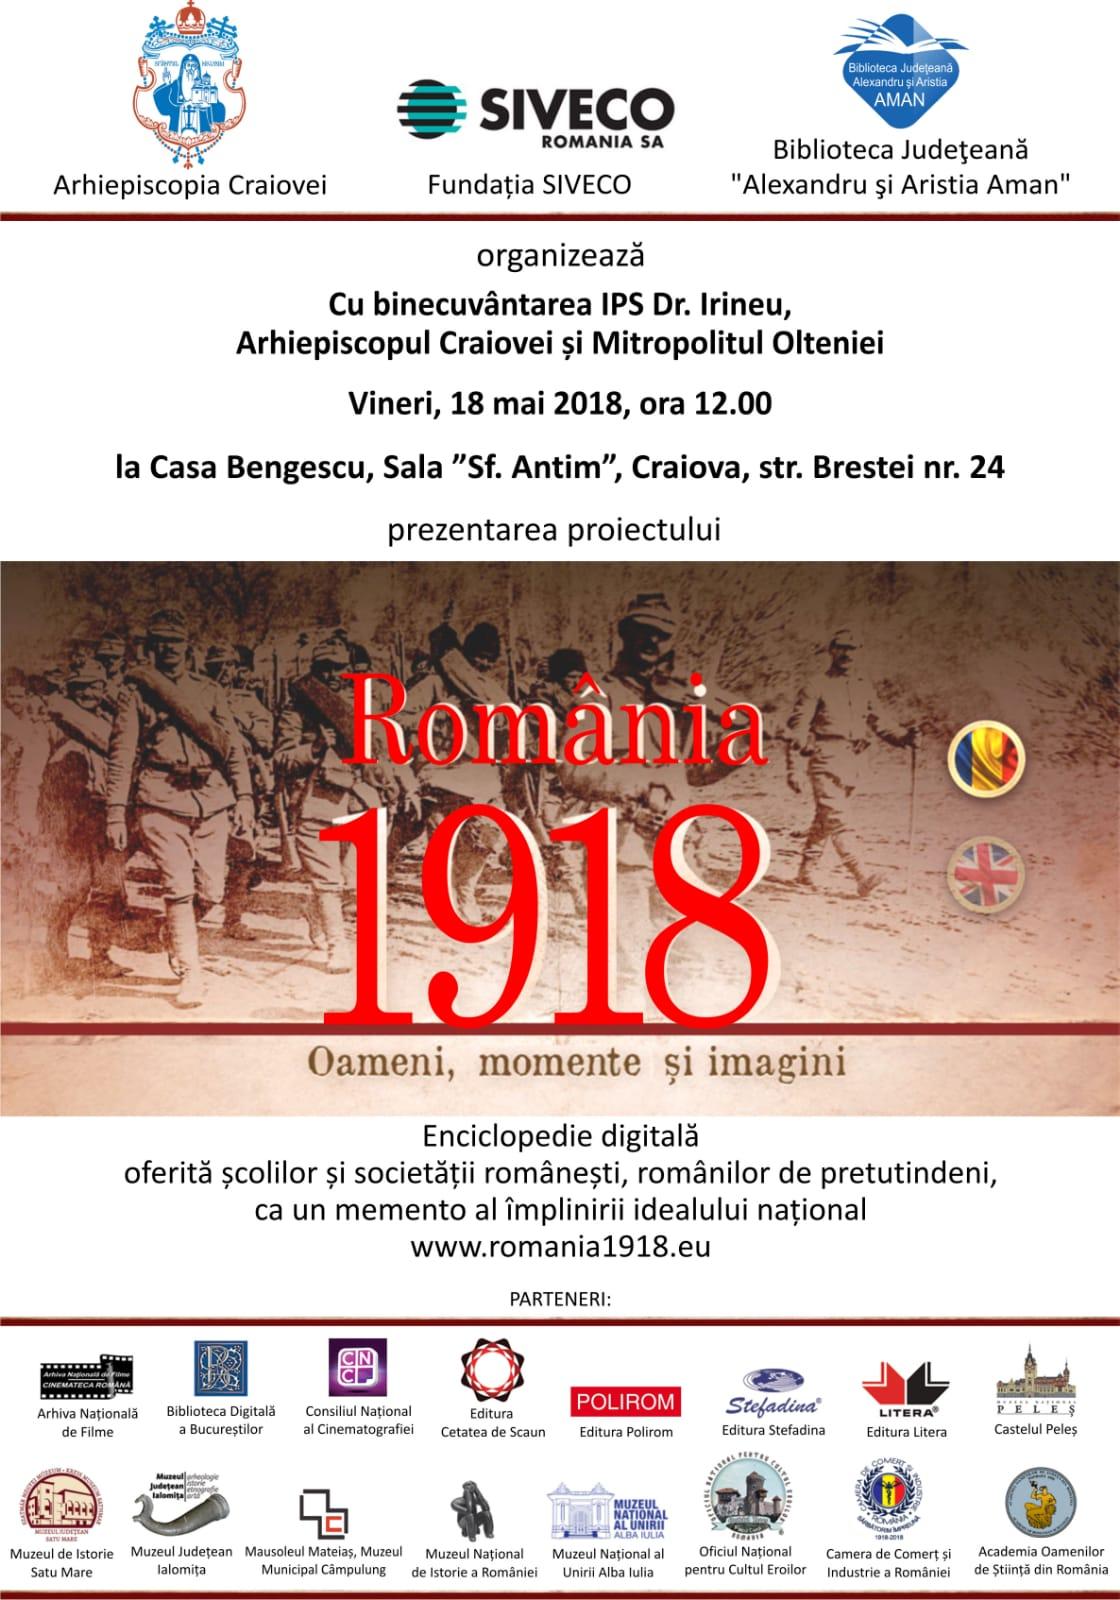 """Craiova: Enciclopedia digitală, """"România 1918. Oameni, momente și imagini"""", prezentată la Biblioteca Județeană"""